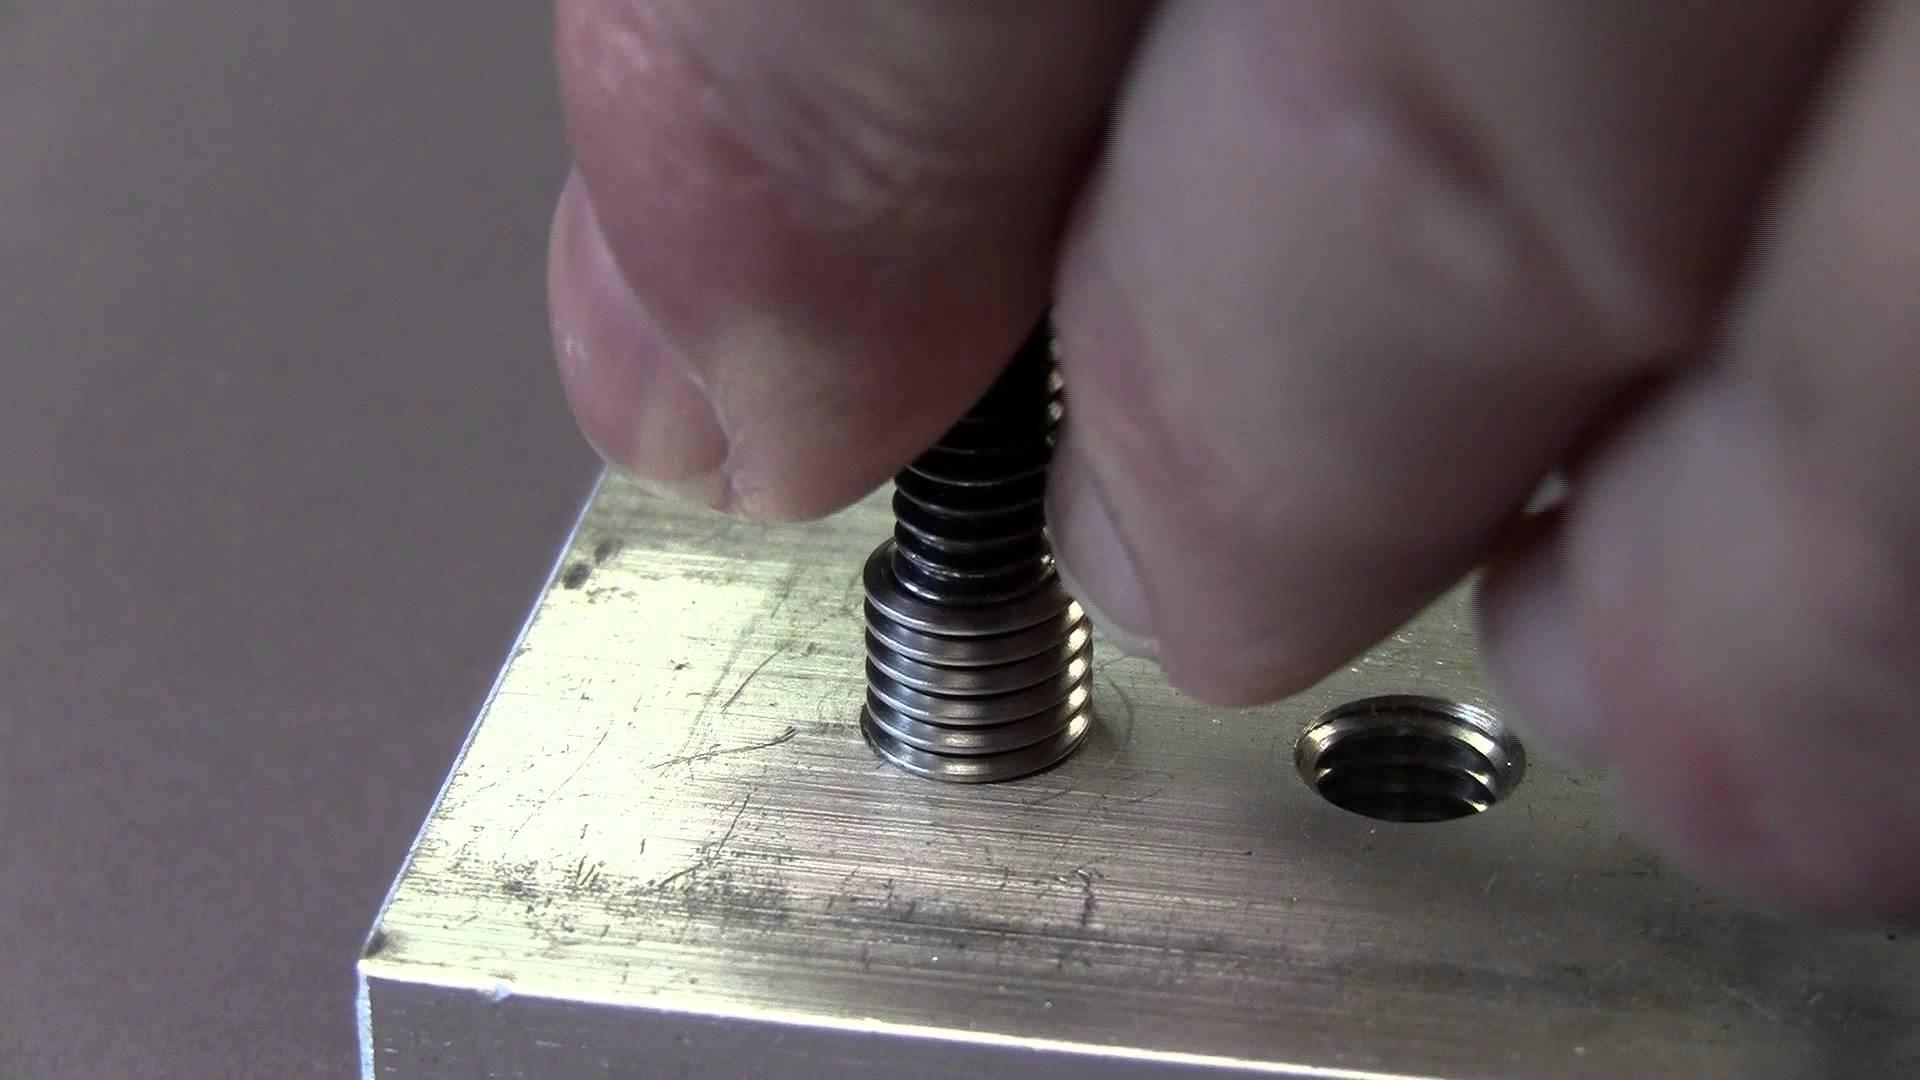 Acme Keylocking Threaded Insert for Thread Repair vs Heli coil ...